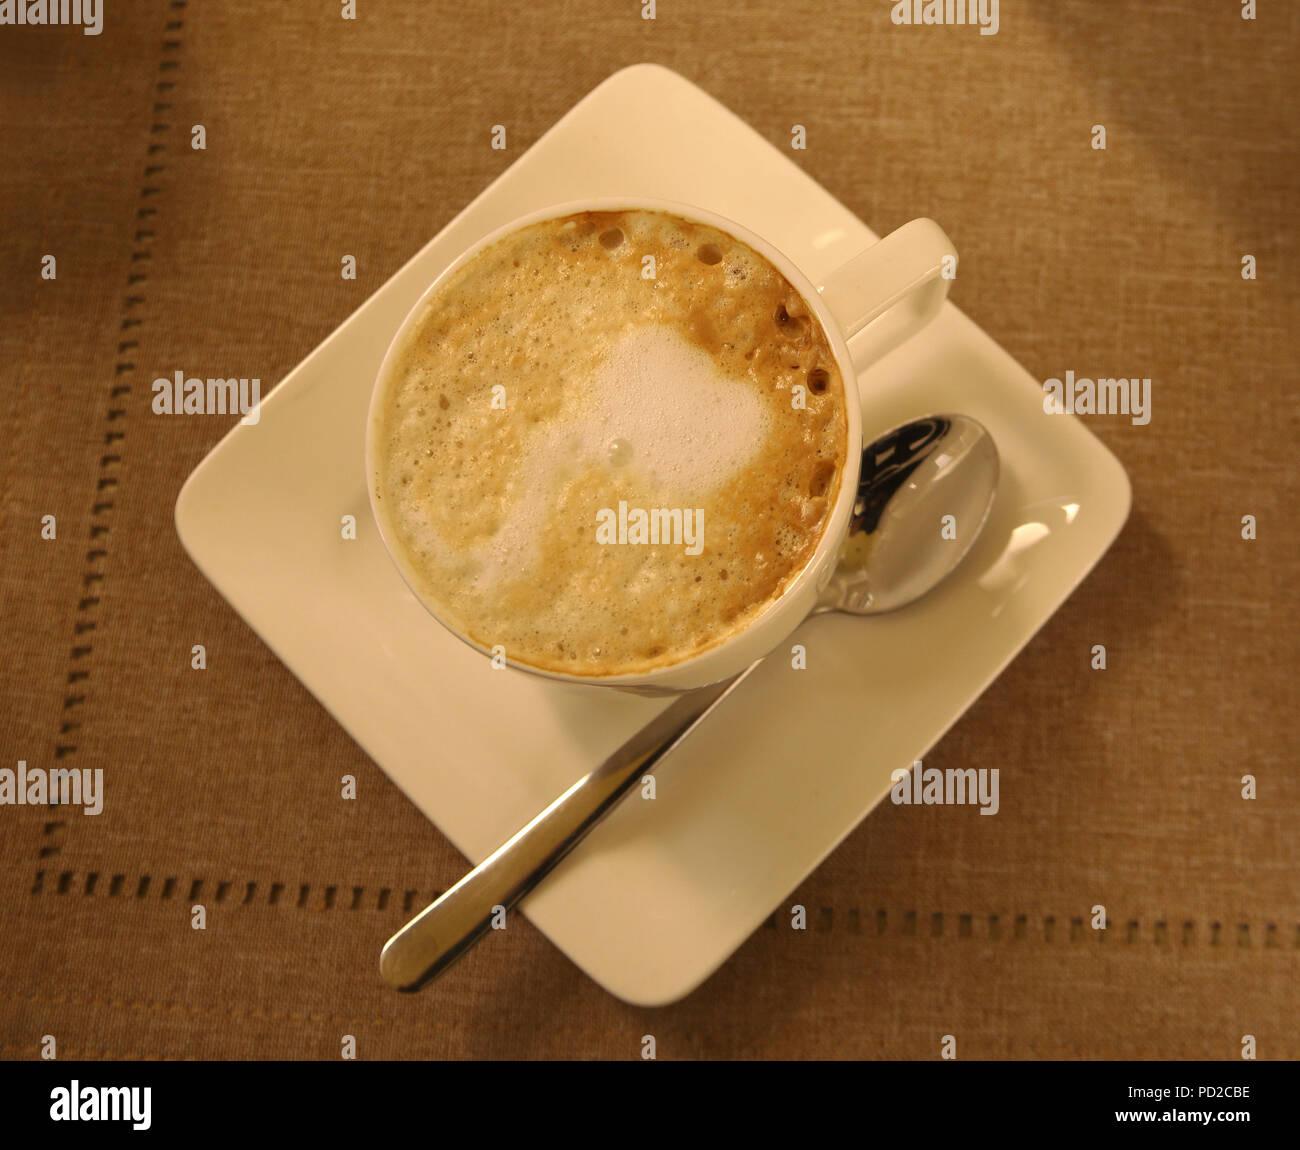 Una taza de capuchino sobre un mantel de lino marrón color beige. Cafe, coffee break, cafetería, desayuno buffet, restaurante, menú, primer plano, plano laical. Retro nostálgica atmósfera. Imagen De Stock